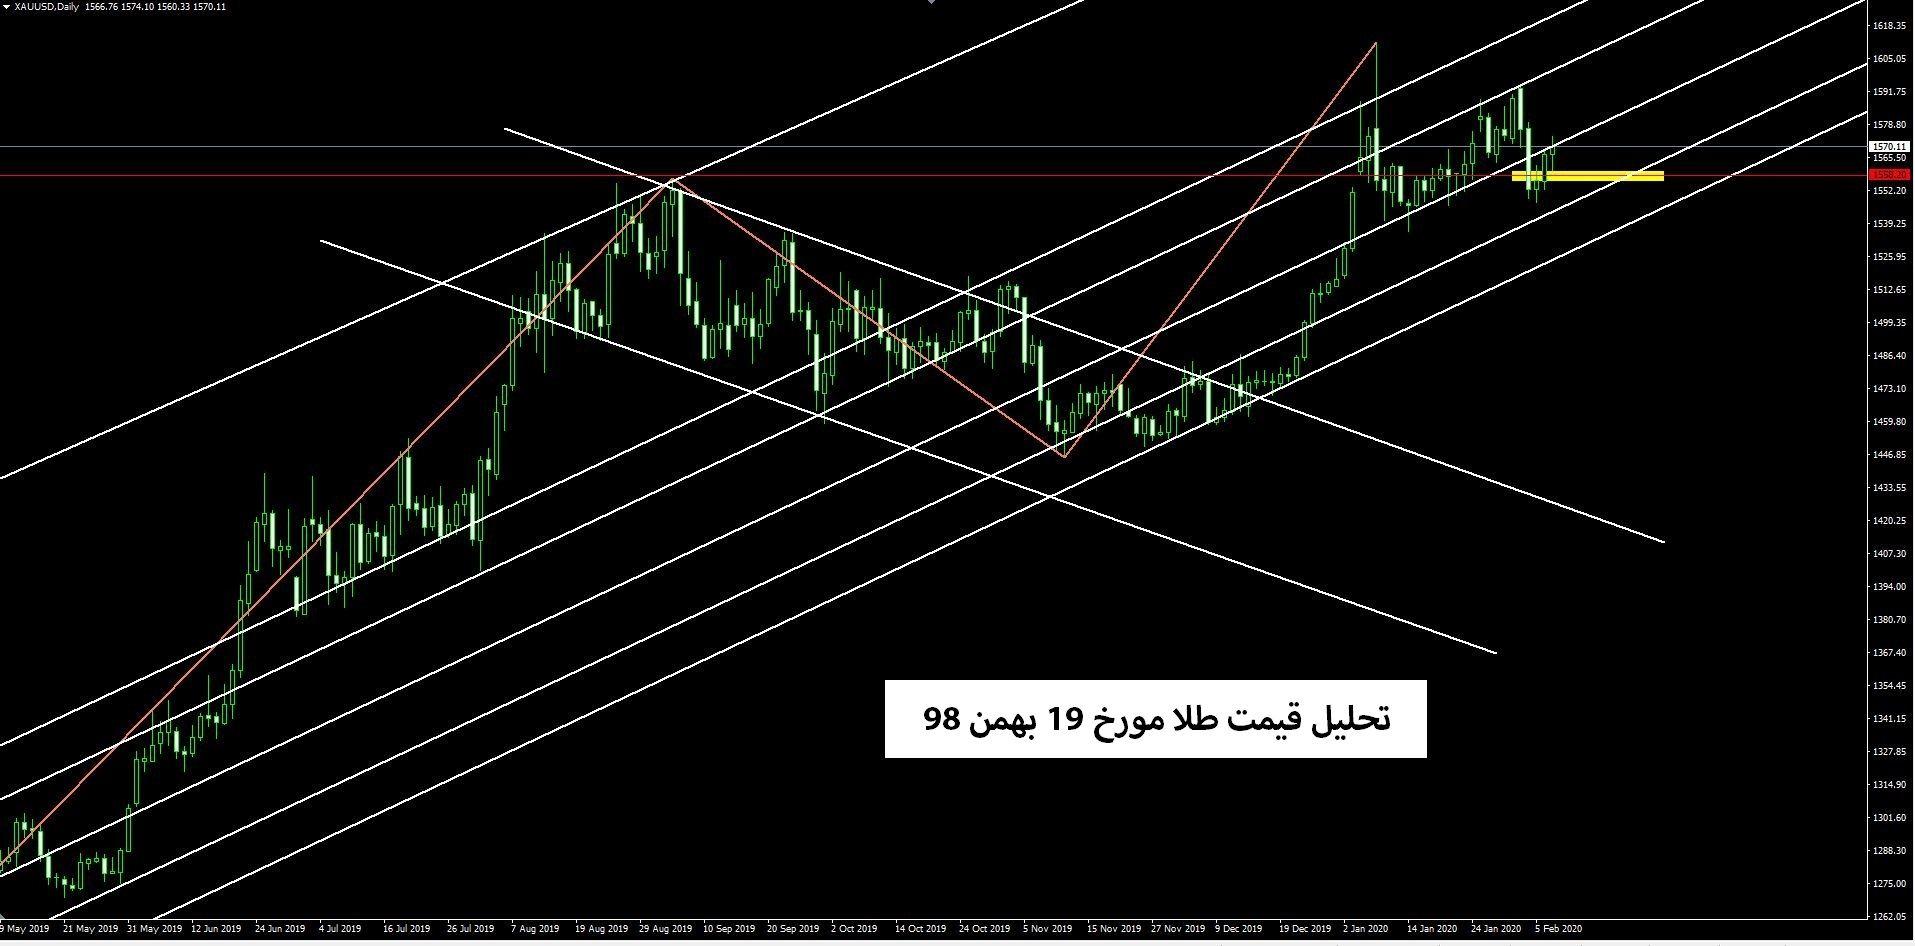 تحلیل قیمت طلا مورخ 19 بهمن 98